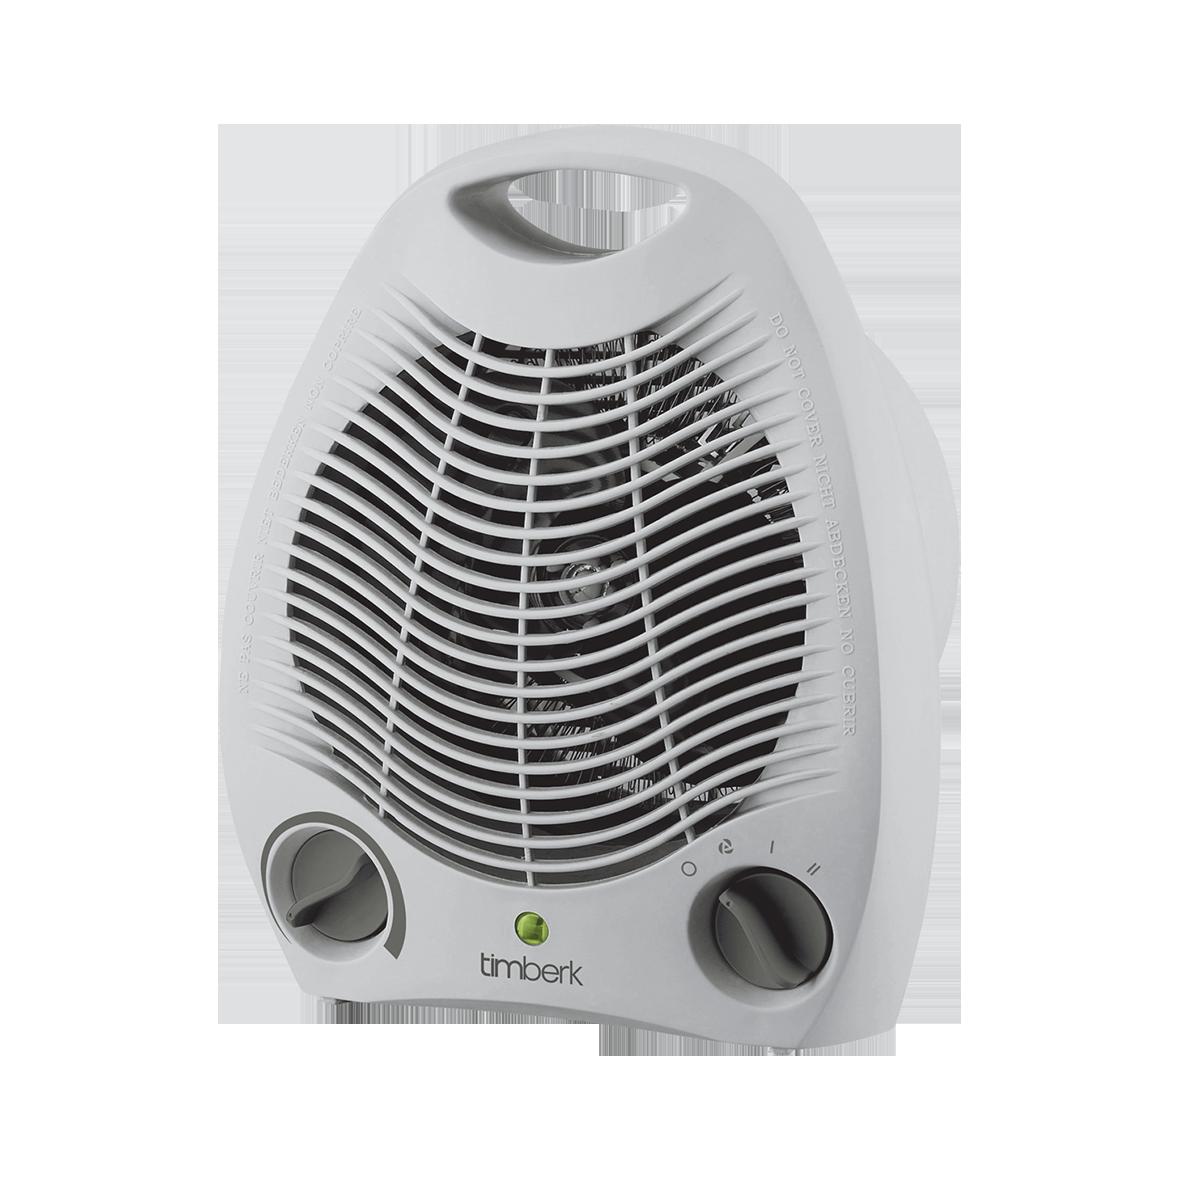 Тепловентилятор Timberk TFH S20SMAОбогреватели<br><br><br>Тип: термовентилятор<br>Максимальная мощность обогрева: 2000<br>Тип нагревательного элемента: электрическая спираль<br>Площадь обогрева, кв.м: 22<br>Вентиляция без нагрева: есть<br>Отключение при перегреве: есть<br>Вентилятор : есть<br>Управление: механическое<br>Регулировка температуры: есть<br>Термостат: есть